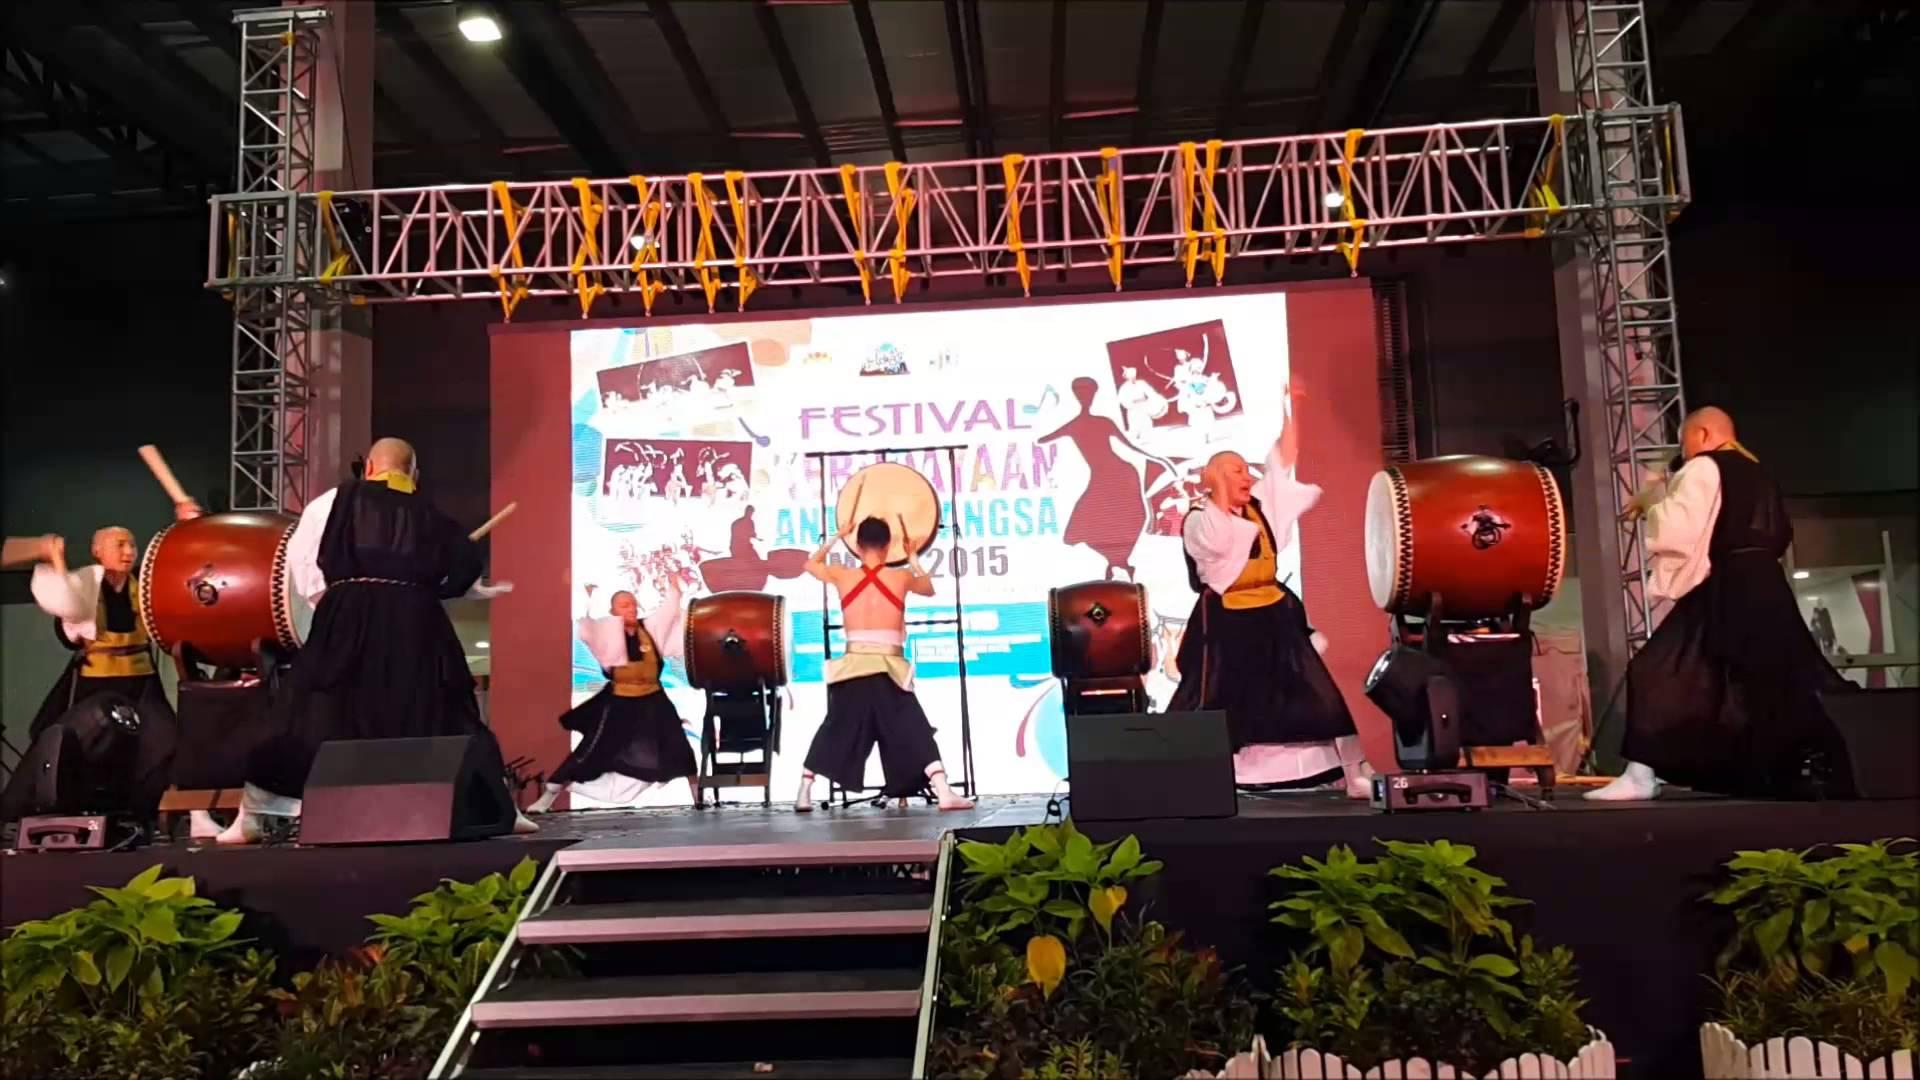 マレーシア公演「International Performing Art Festival 1」